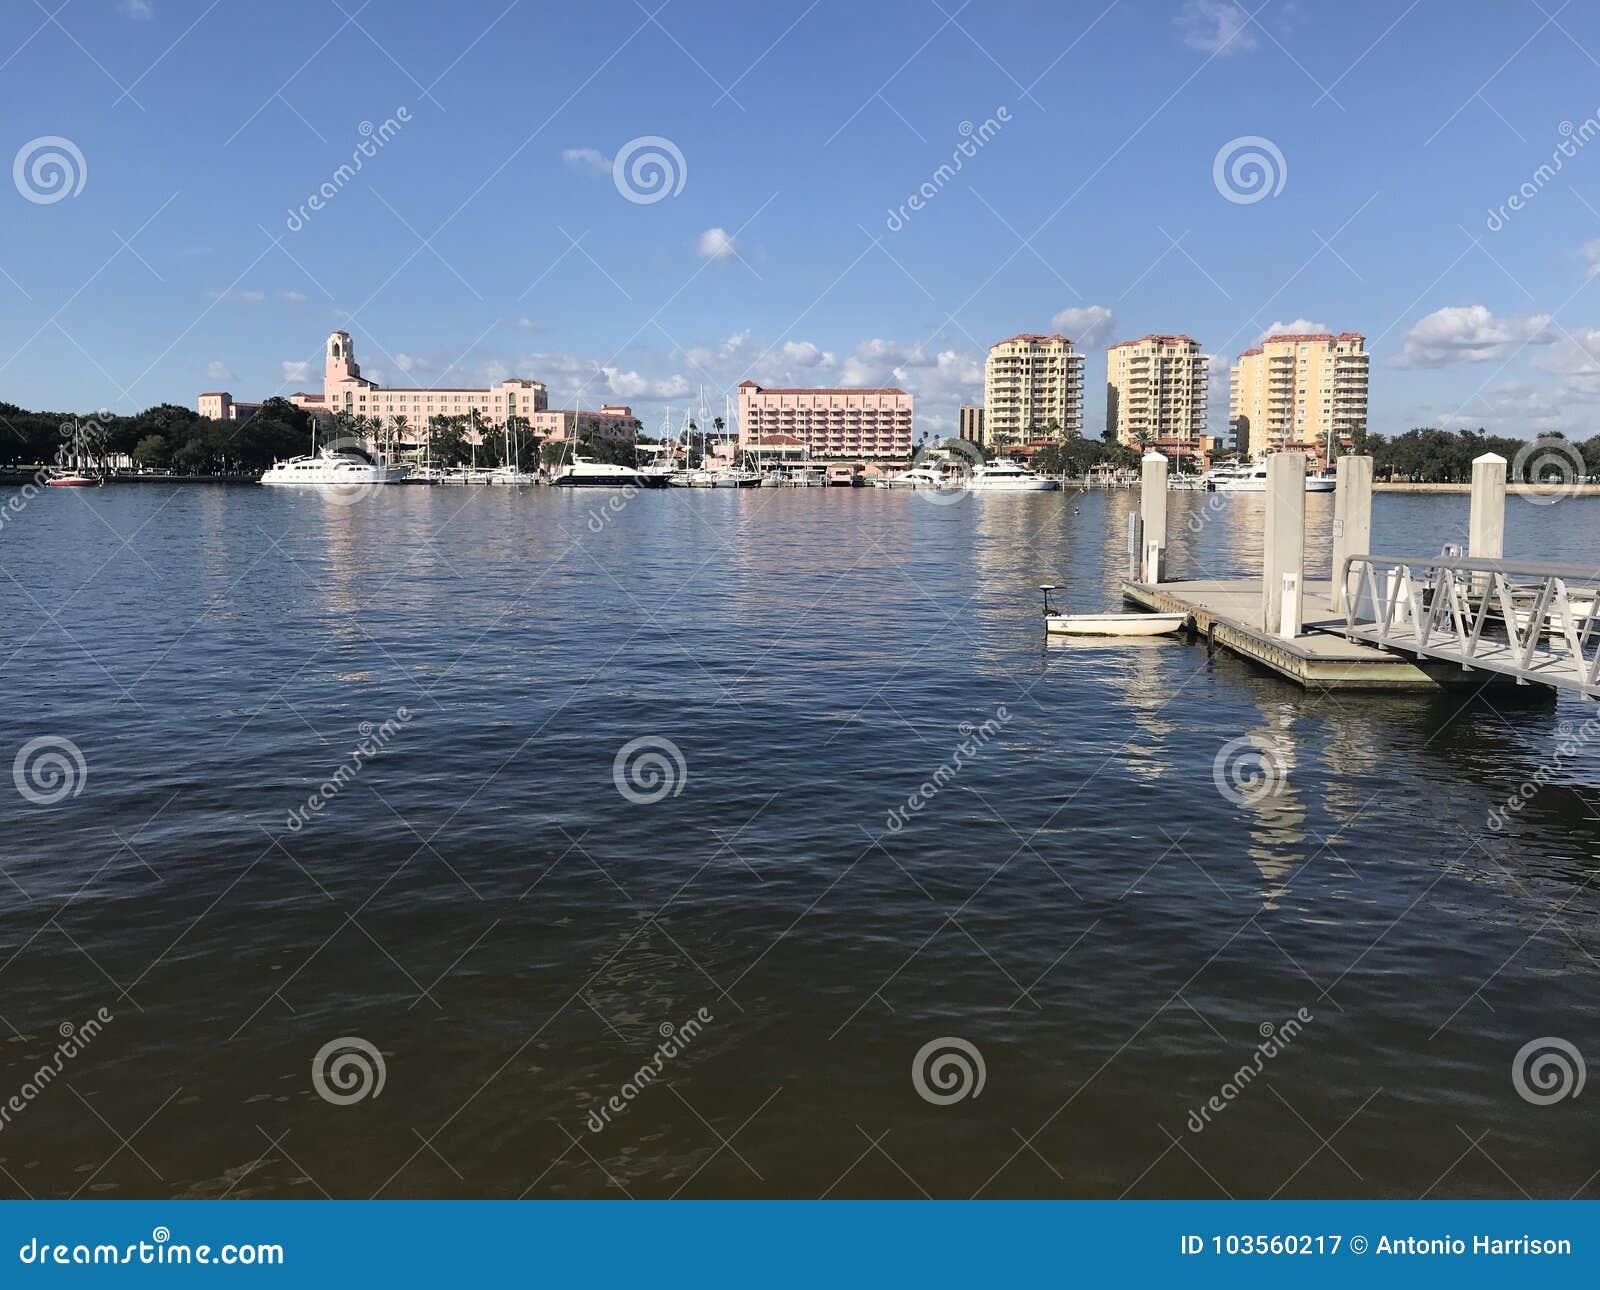 St Petersburge Fl